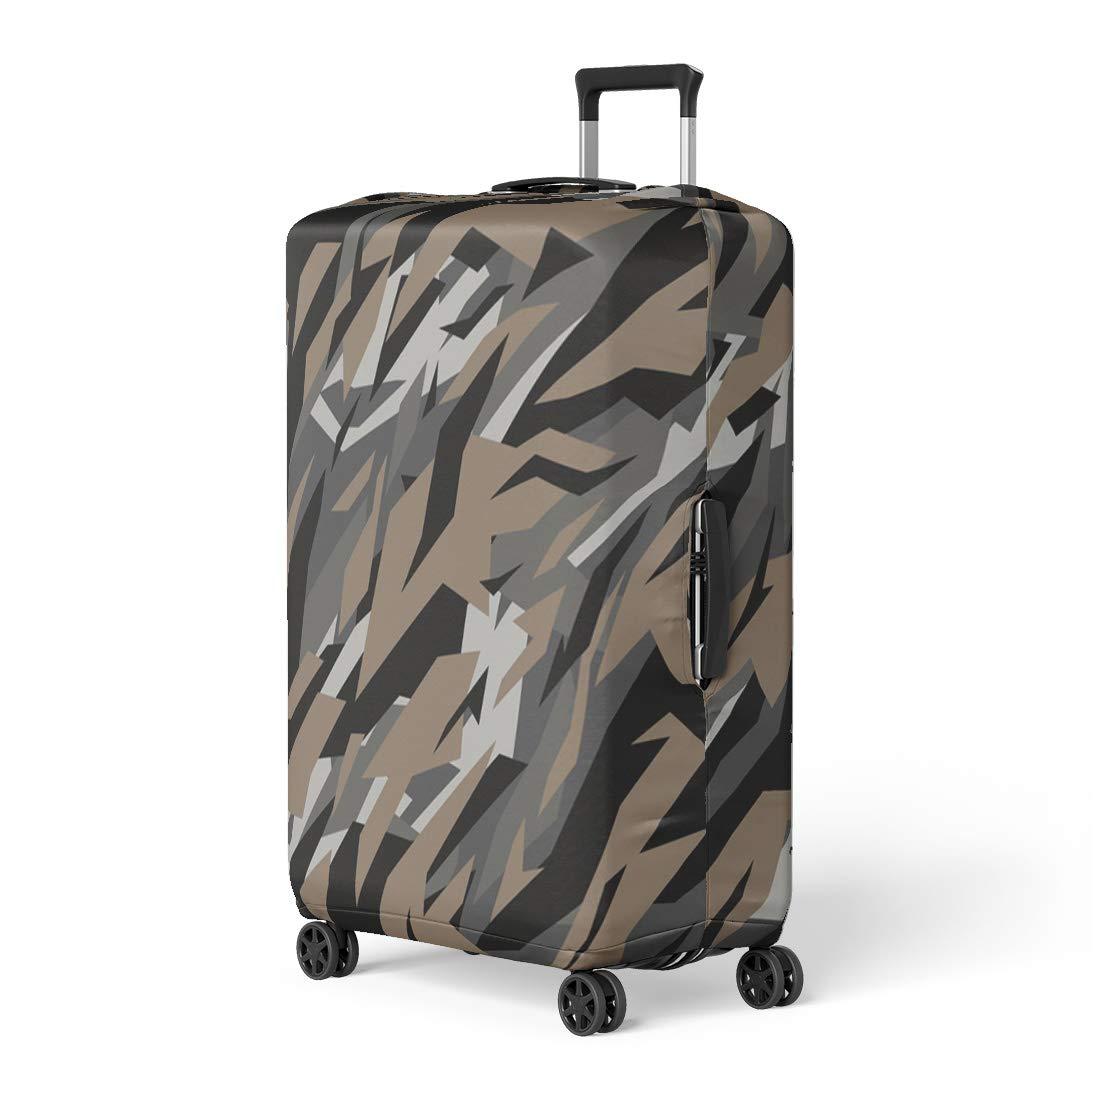 UHT28DG Desert Camouflage Pattern Mens Boardshorts Fashion Bathing Suit